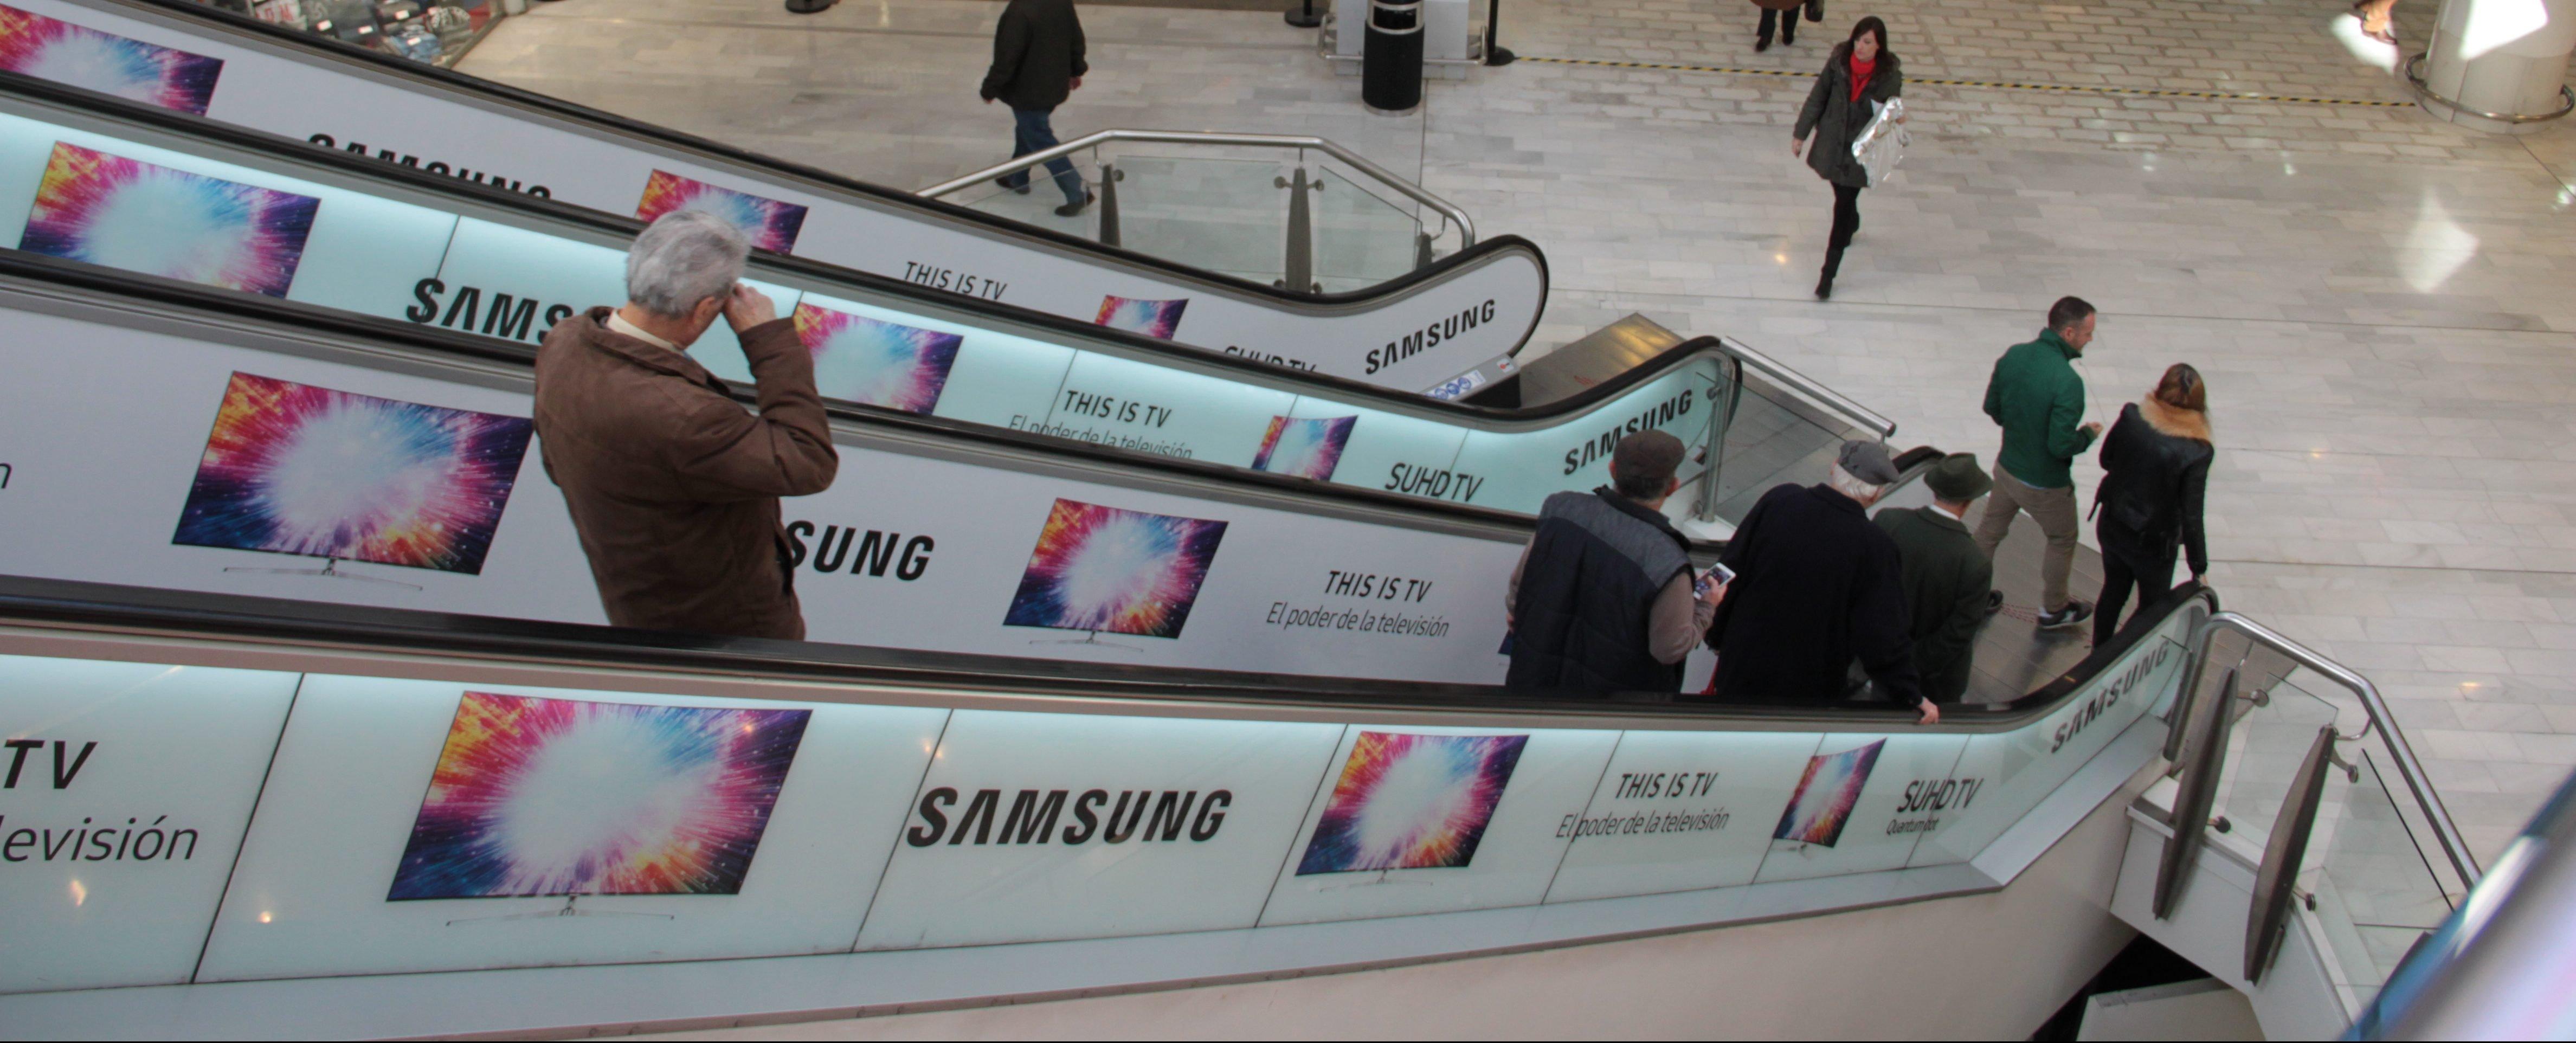 Publicidad de Samsung en escaleras de centro comercial